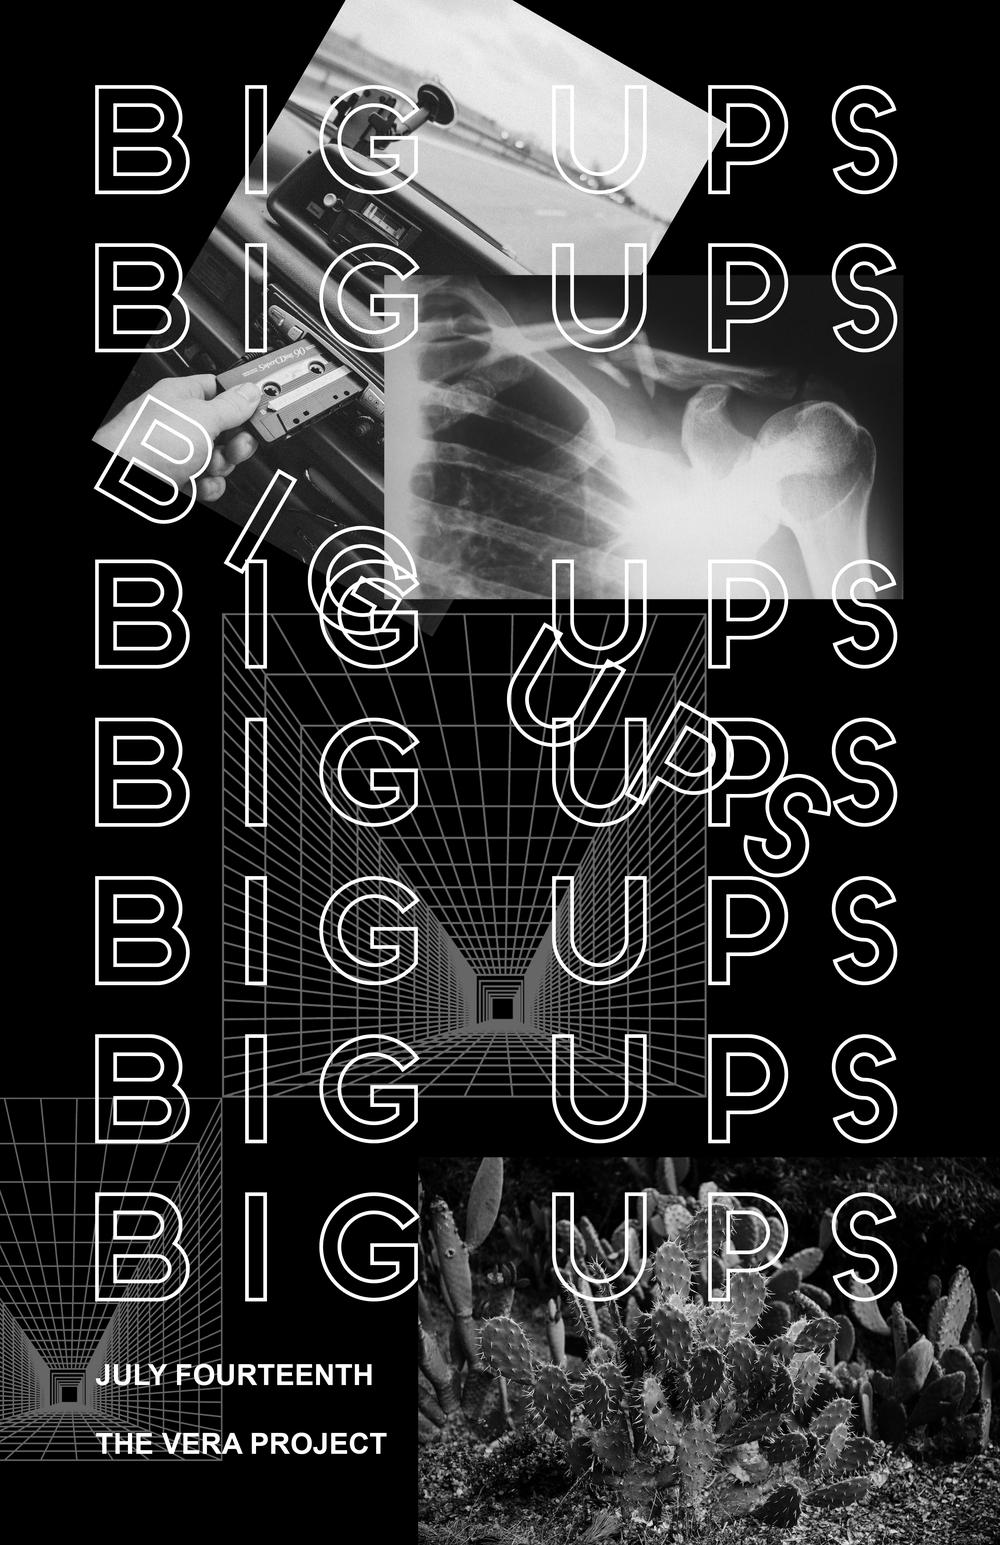 bigupsbig.png